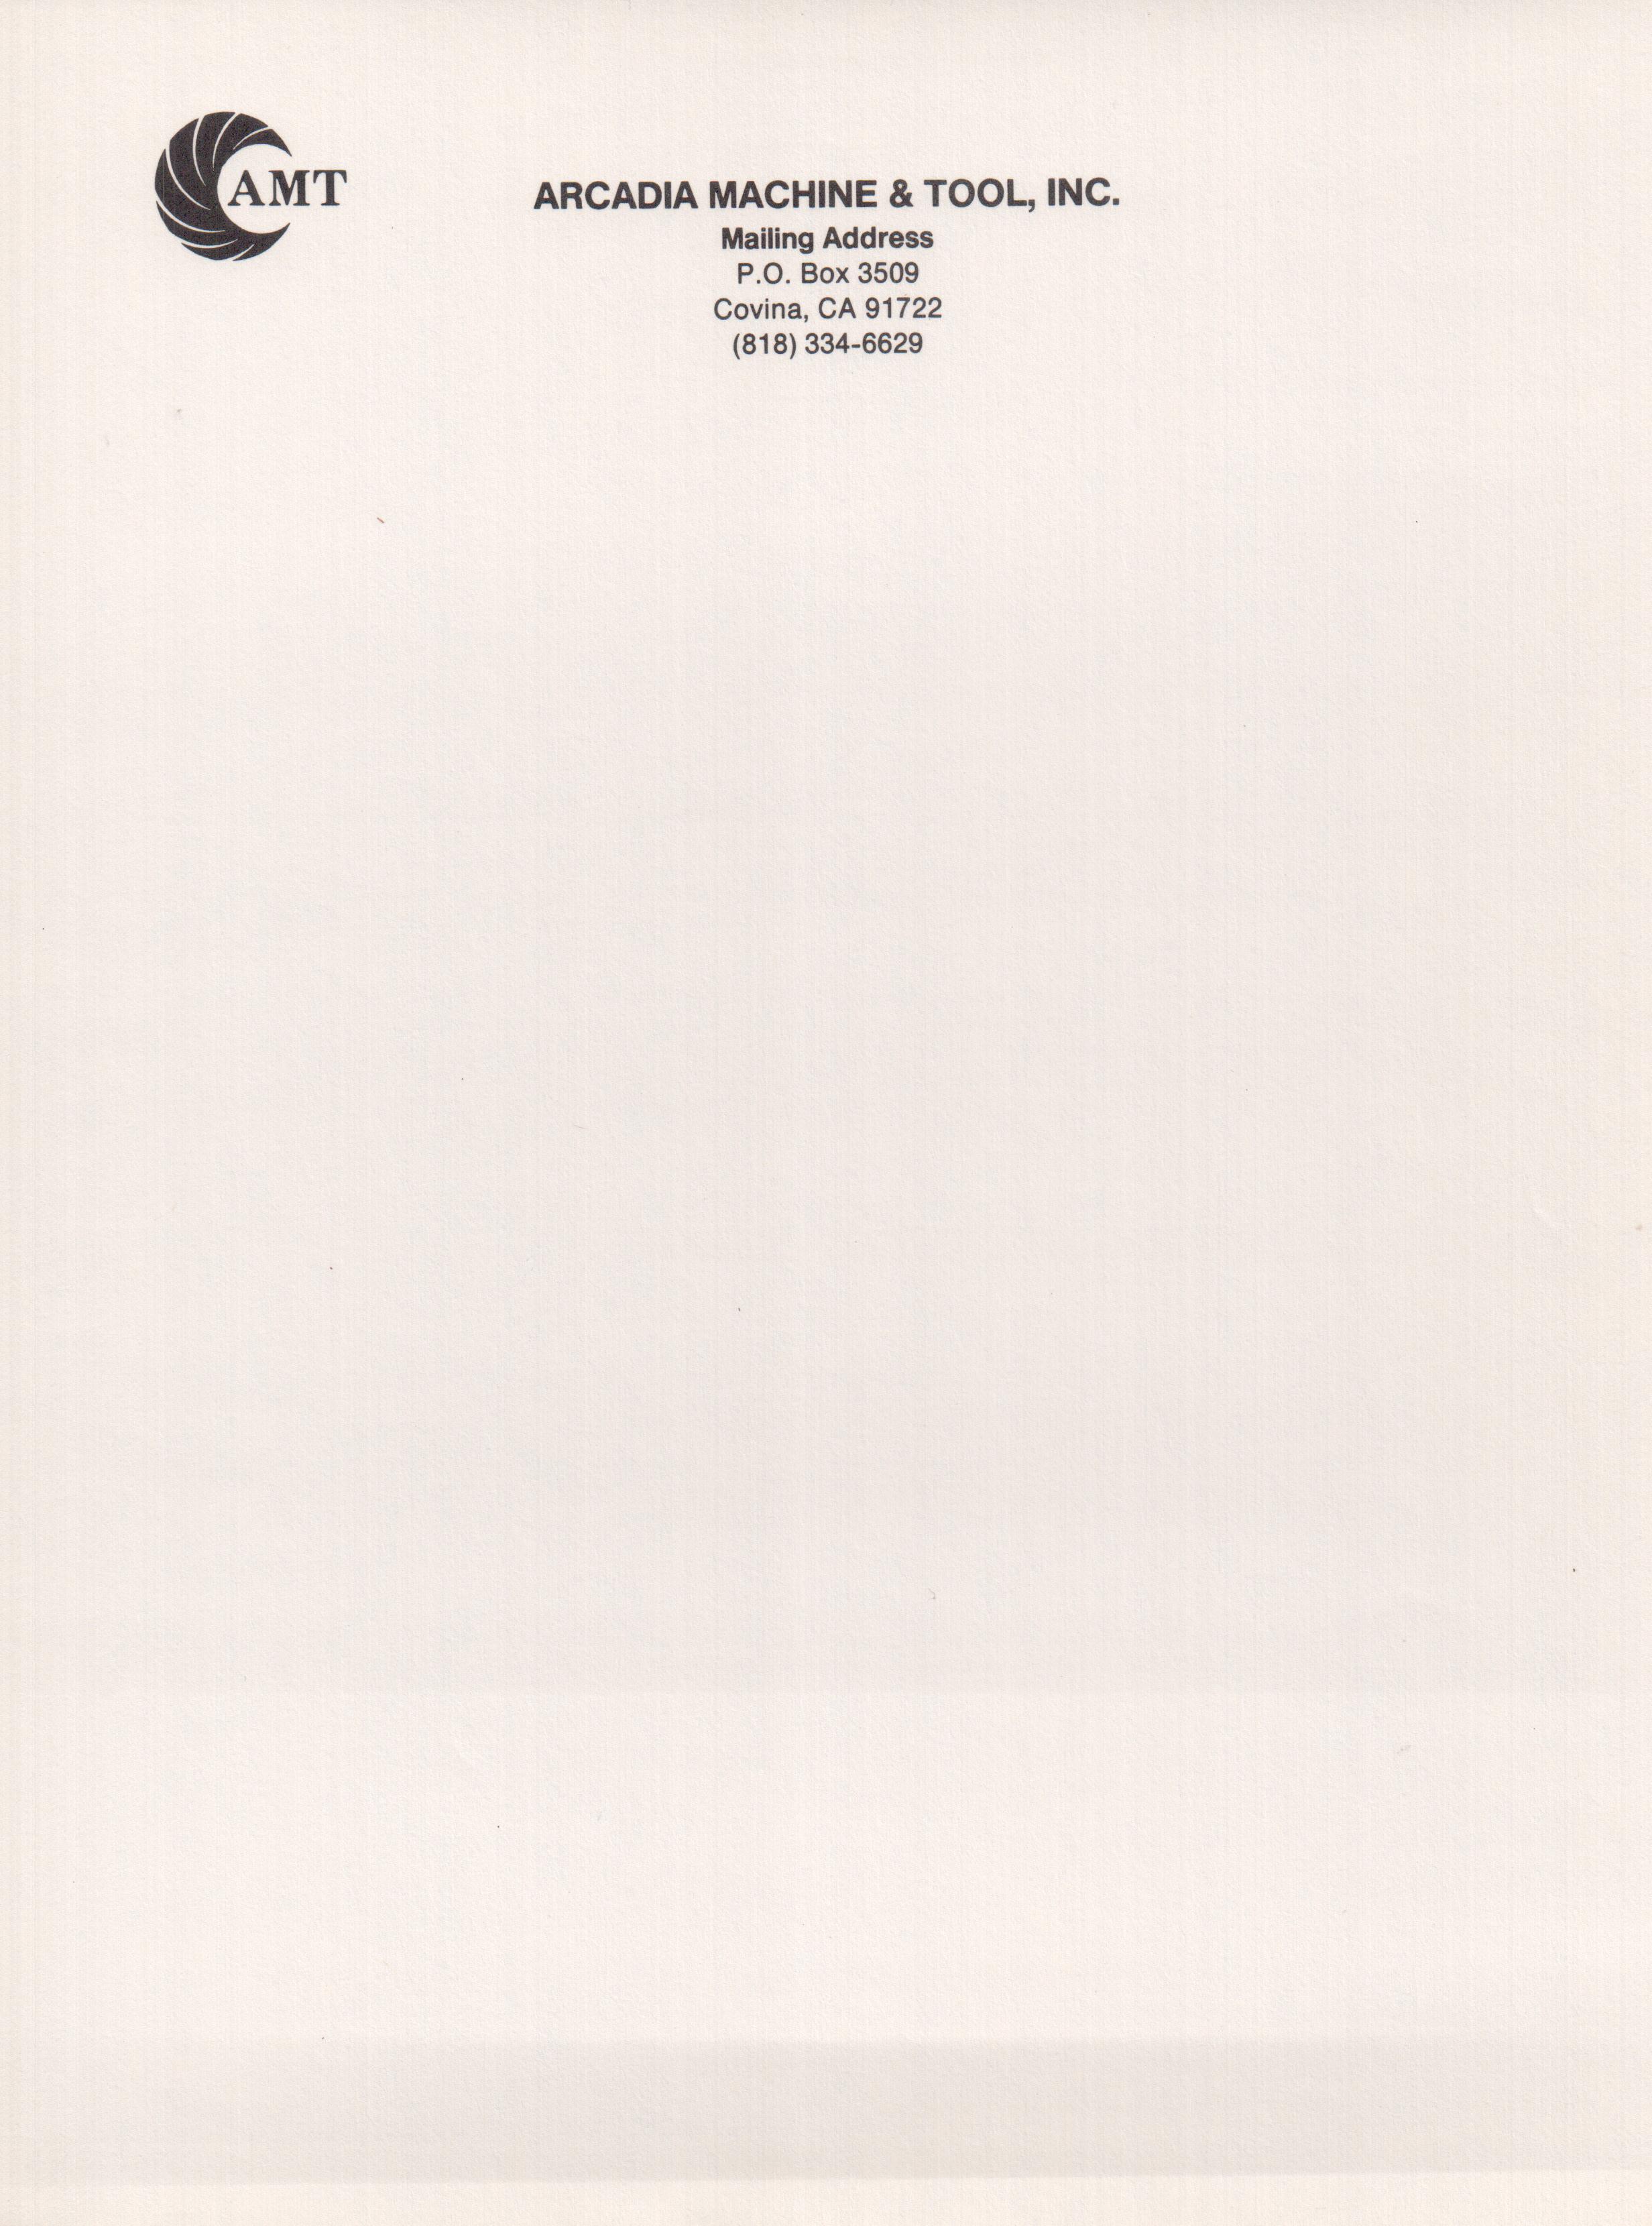 Letter Headed Paper